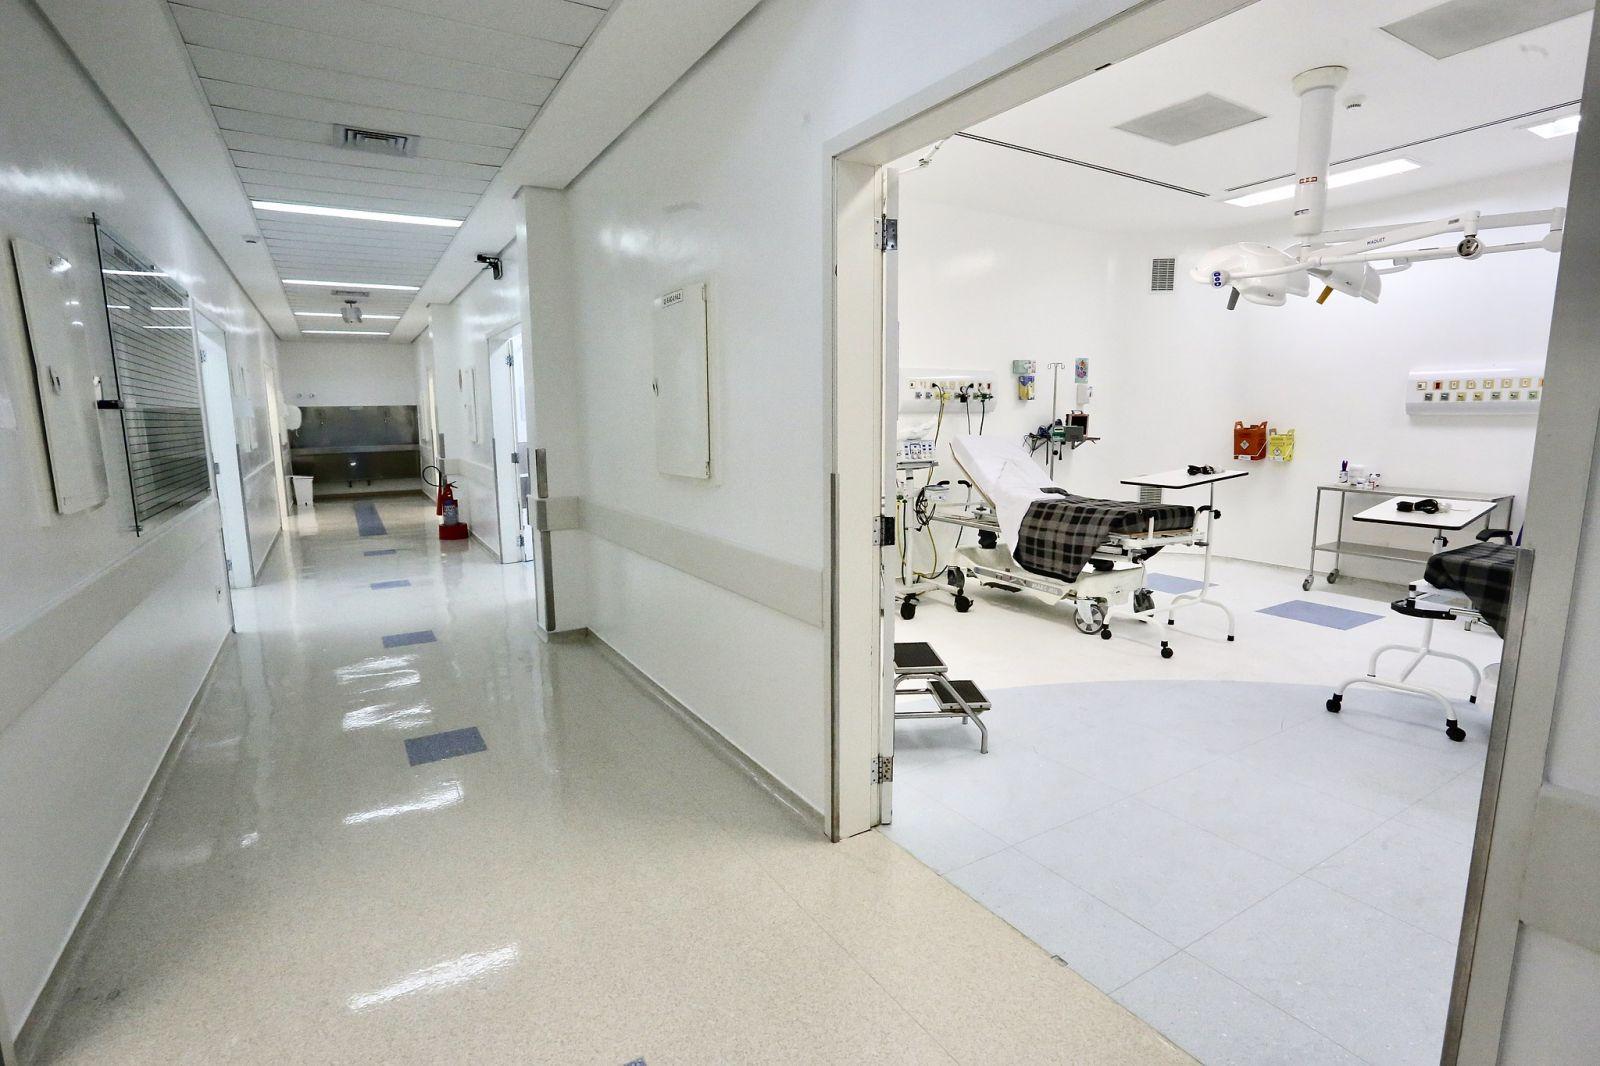 Governo de SP tem 11 hospitais de campanha nesta segunda onda da pandemia - Divulgação/Governo de SP